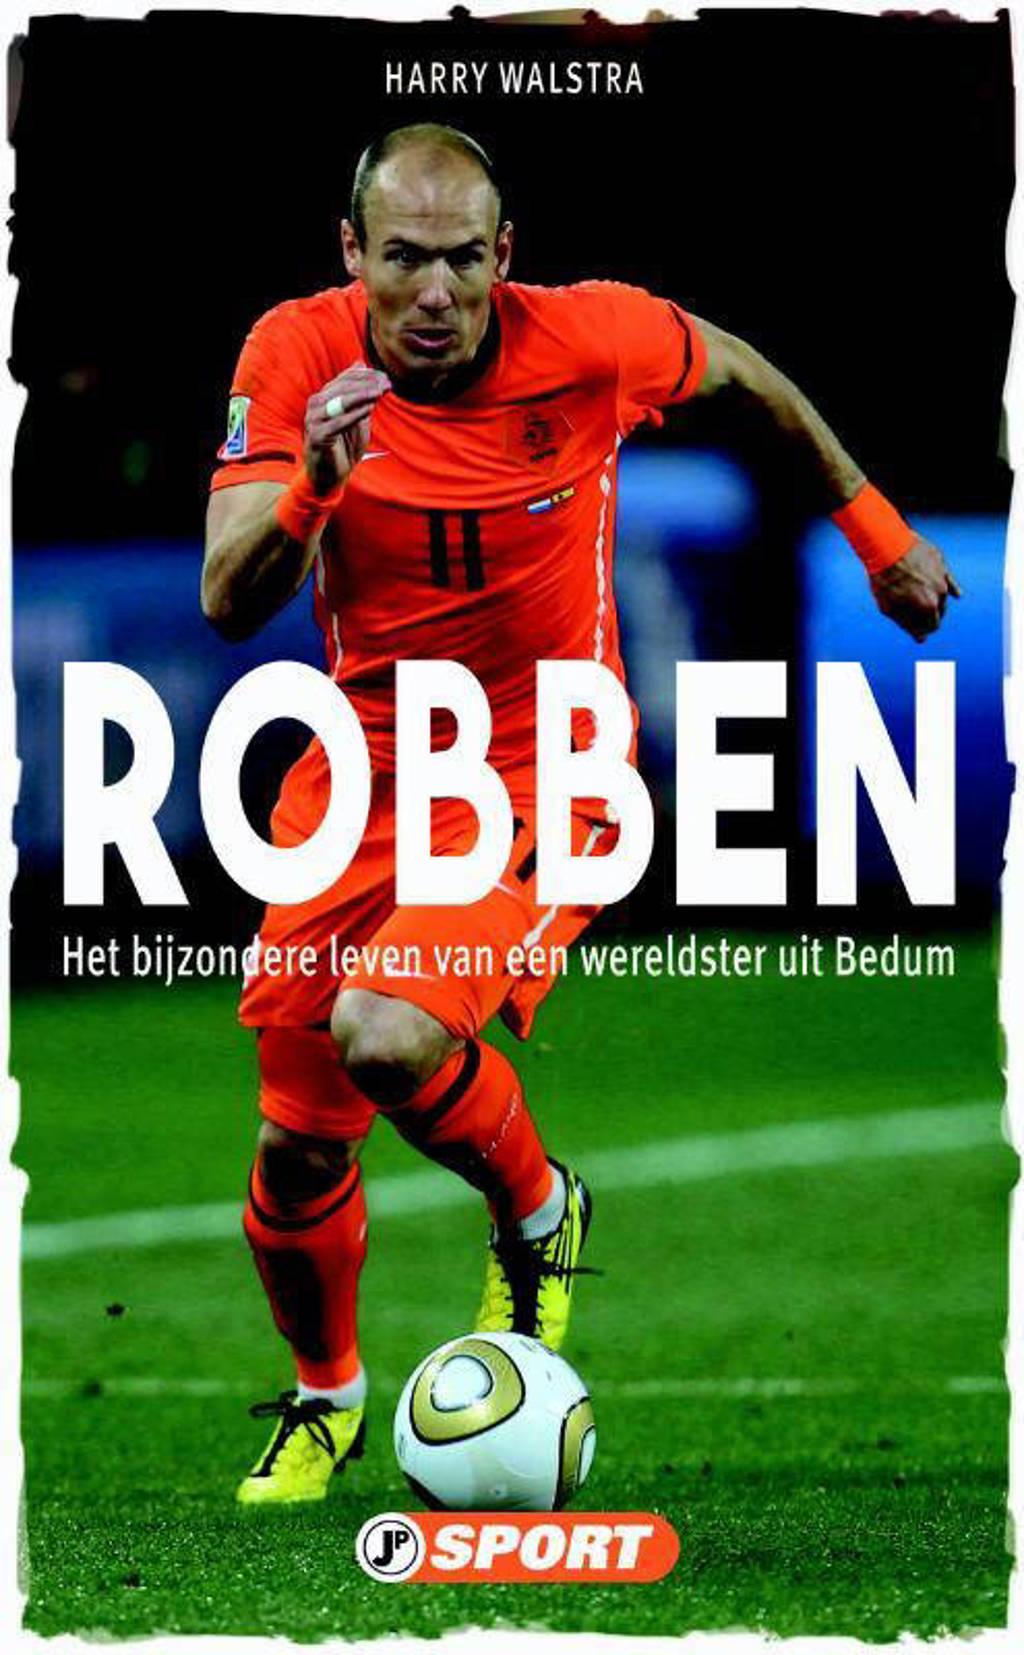 Robben - Harry Walstra